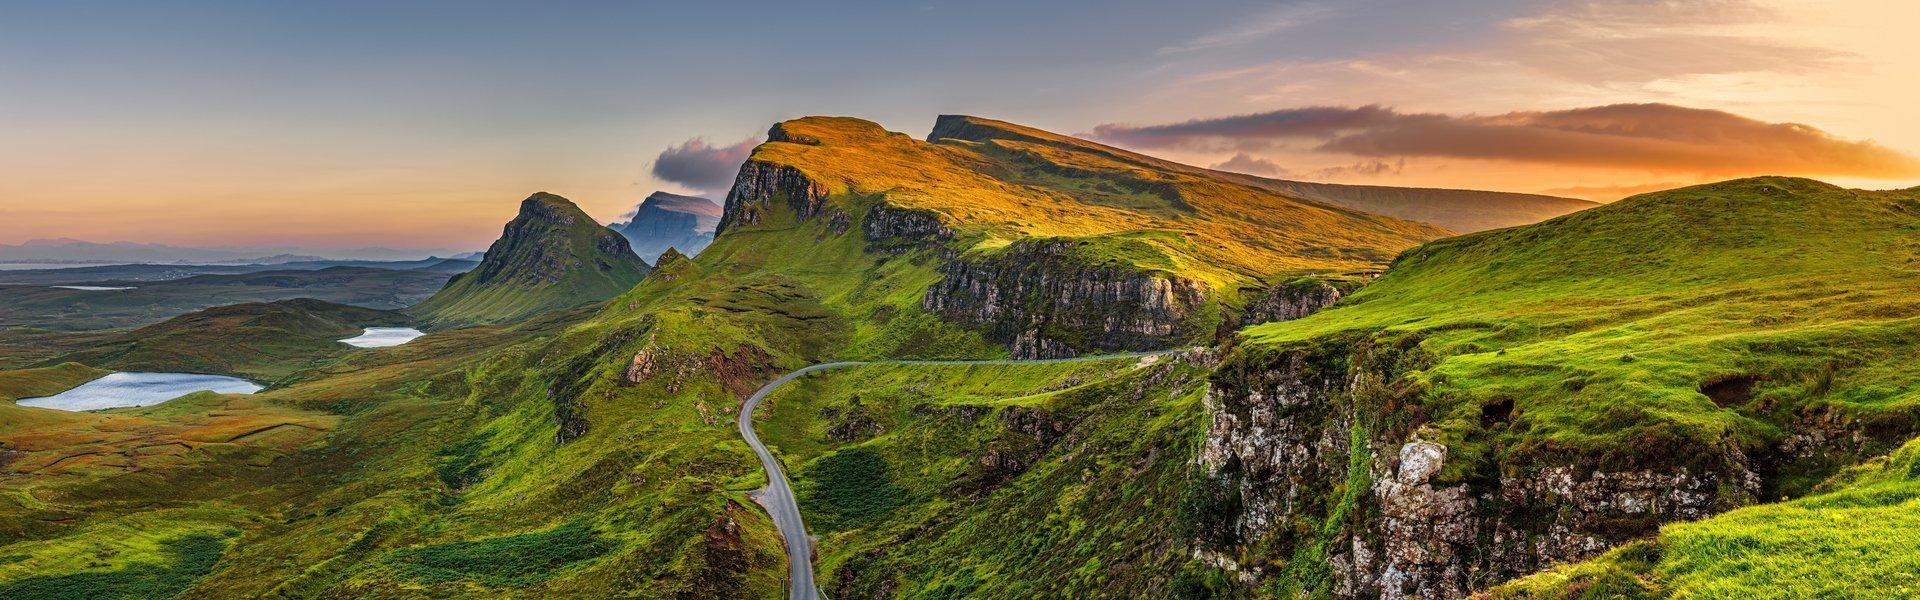 Tour culturali - Scozia